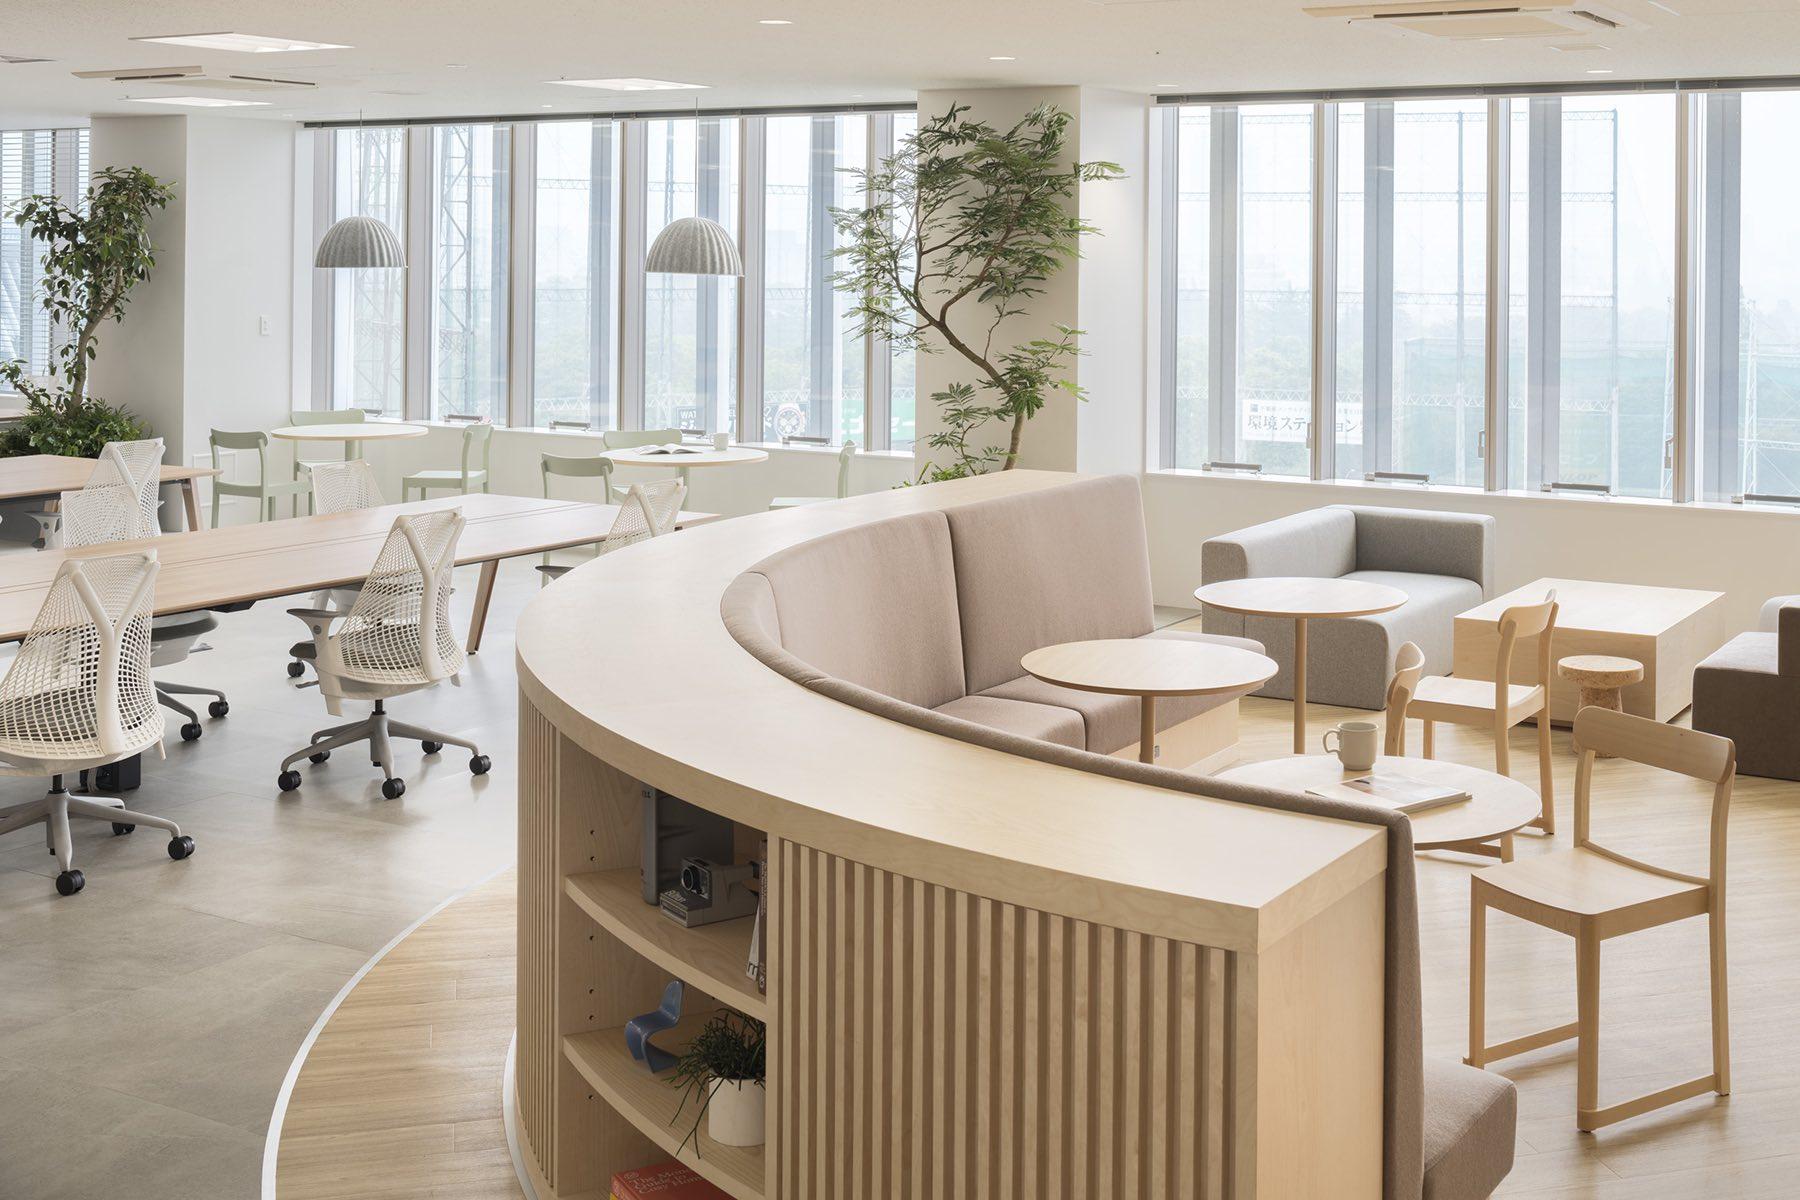 jaff-office-tokyo-1